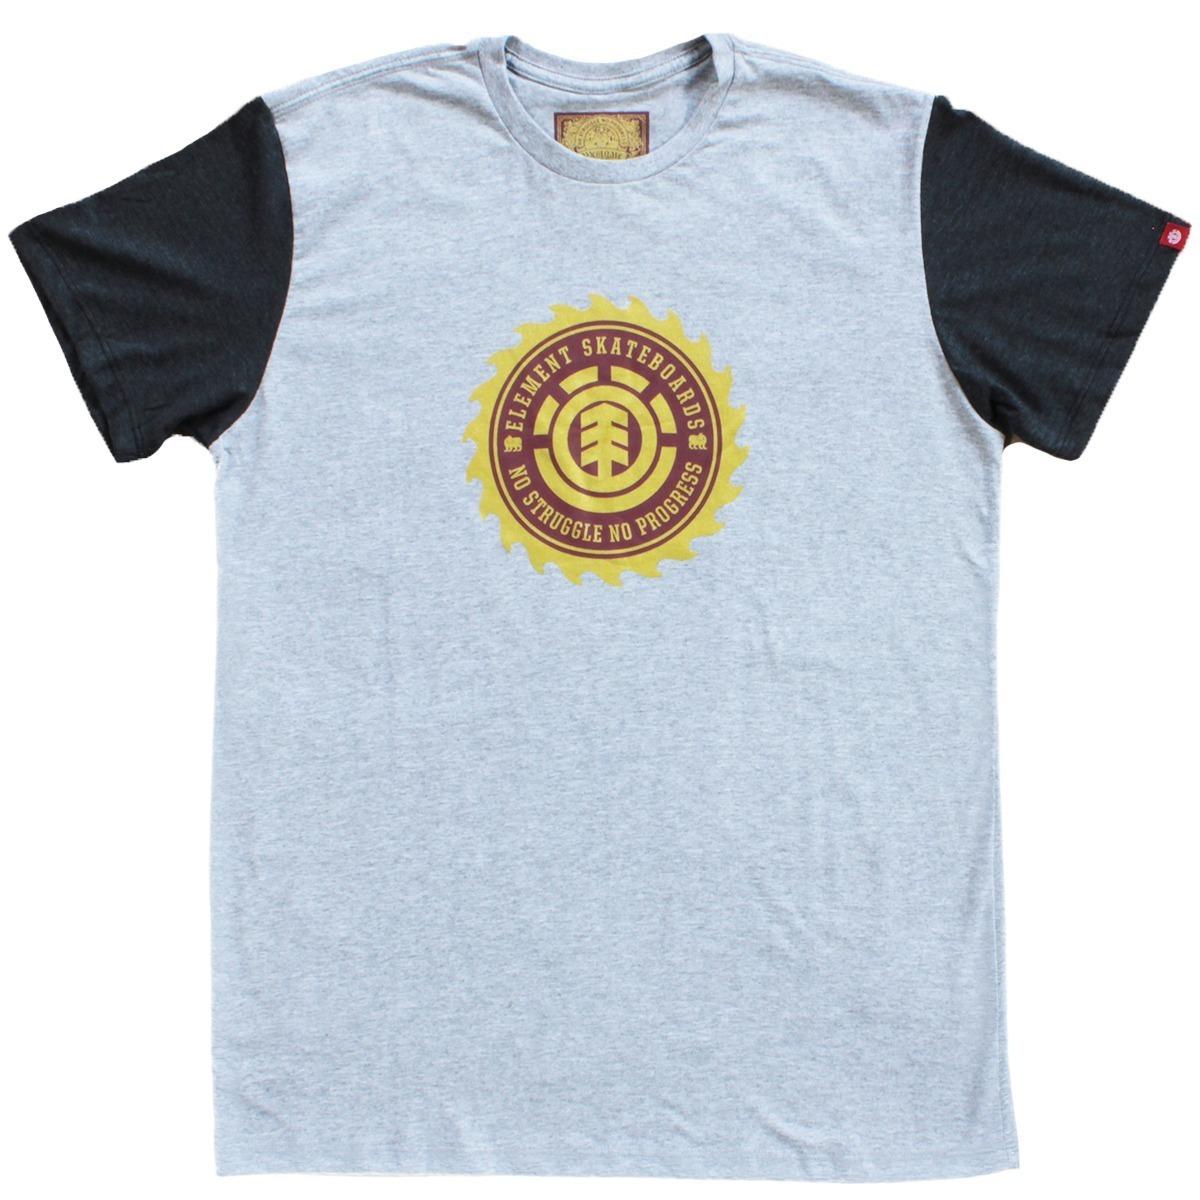 camiseta element skate westgate s saw original manga curta. Carregando zoom. 792ff0d8e3b